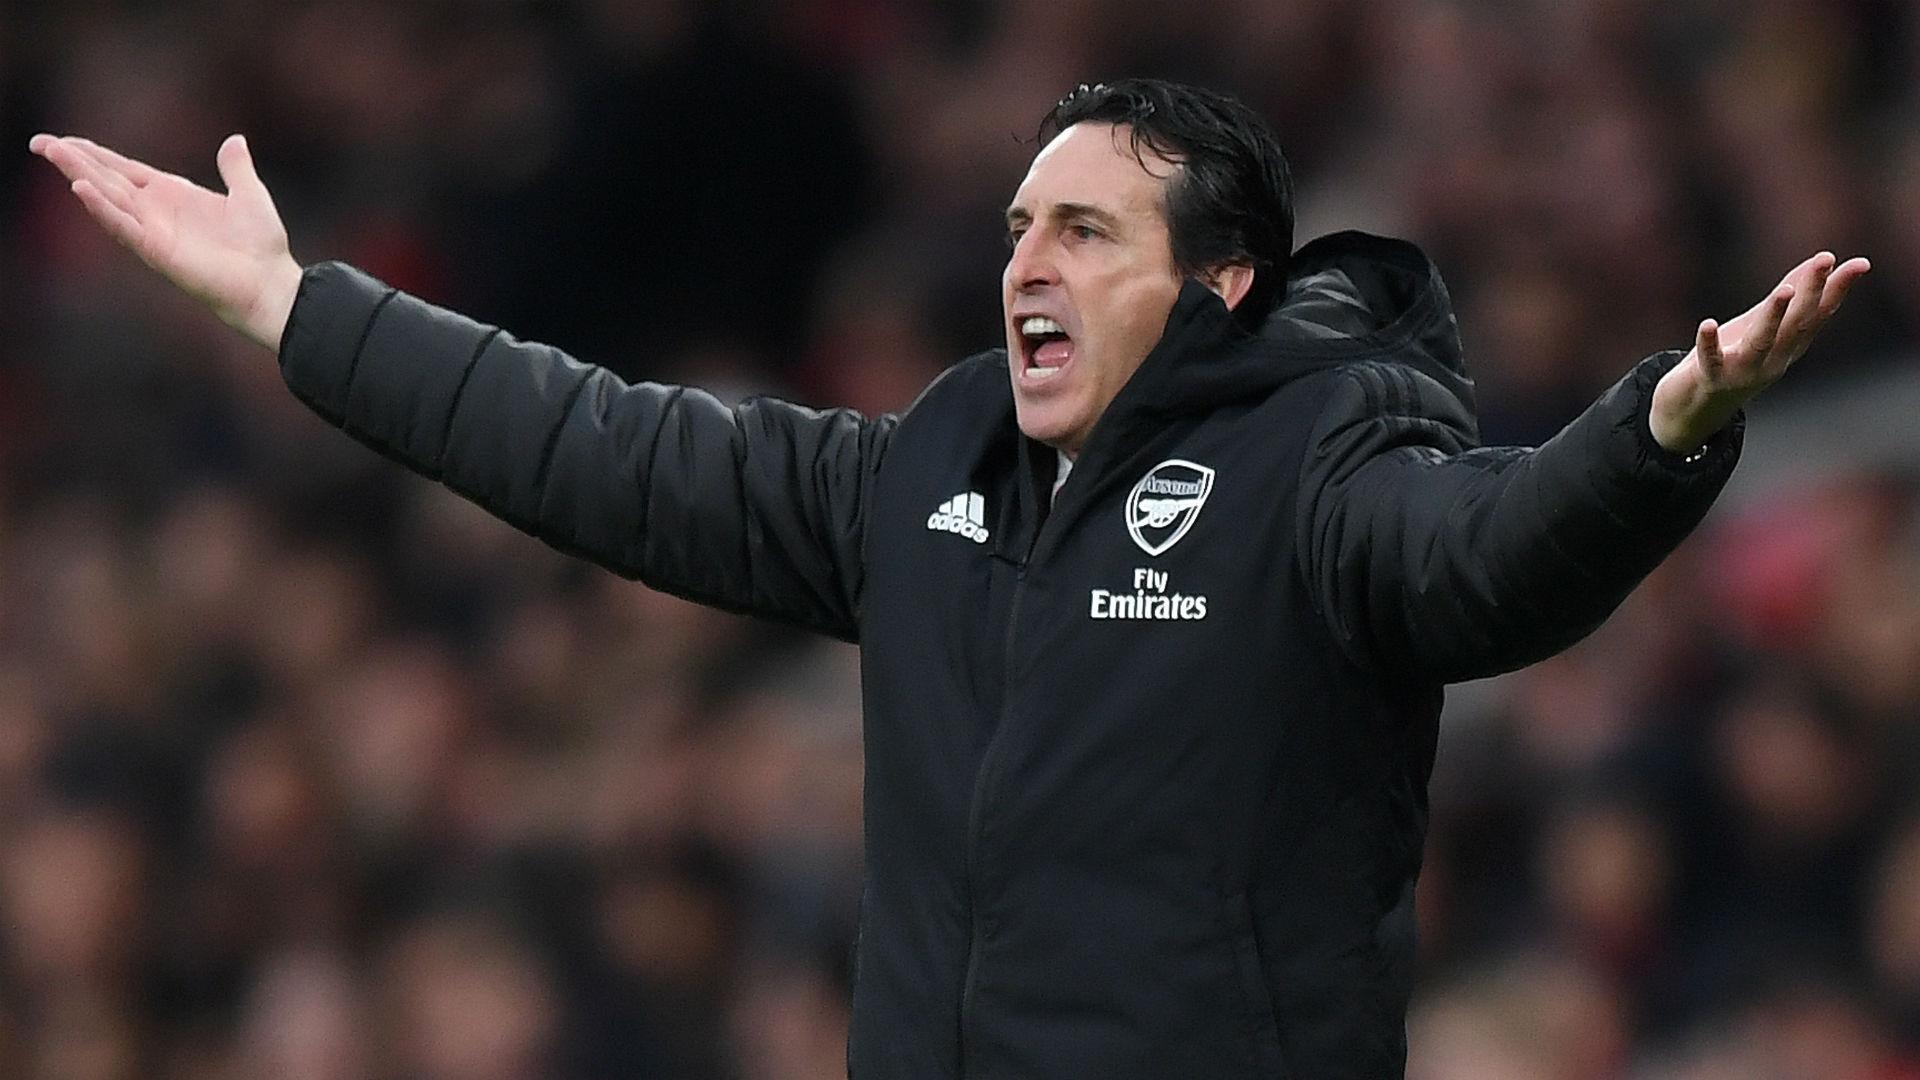 Unai Emery Arsenal Southampton 2019-20